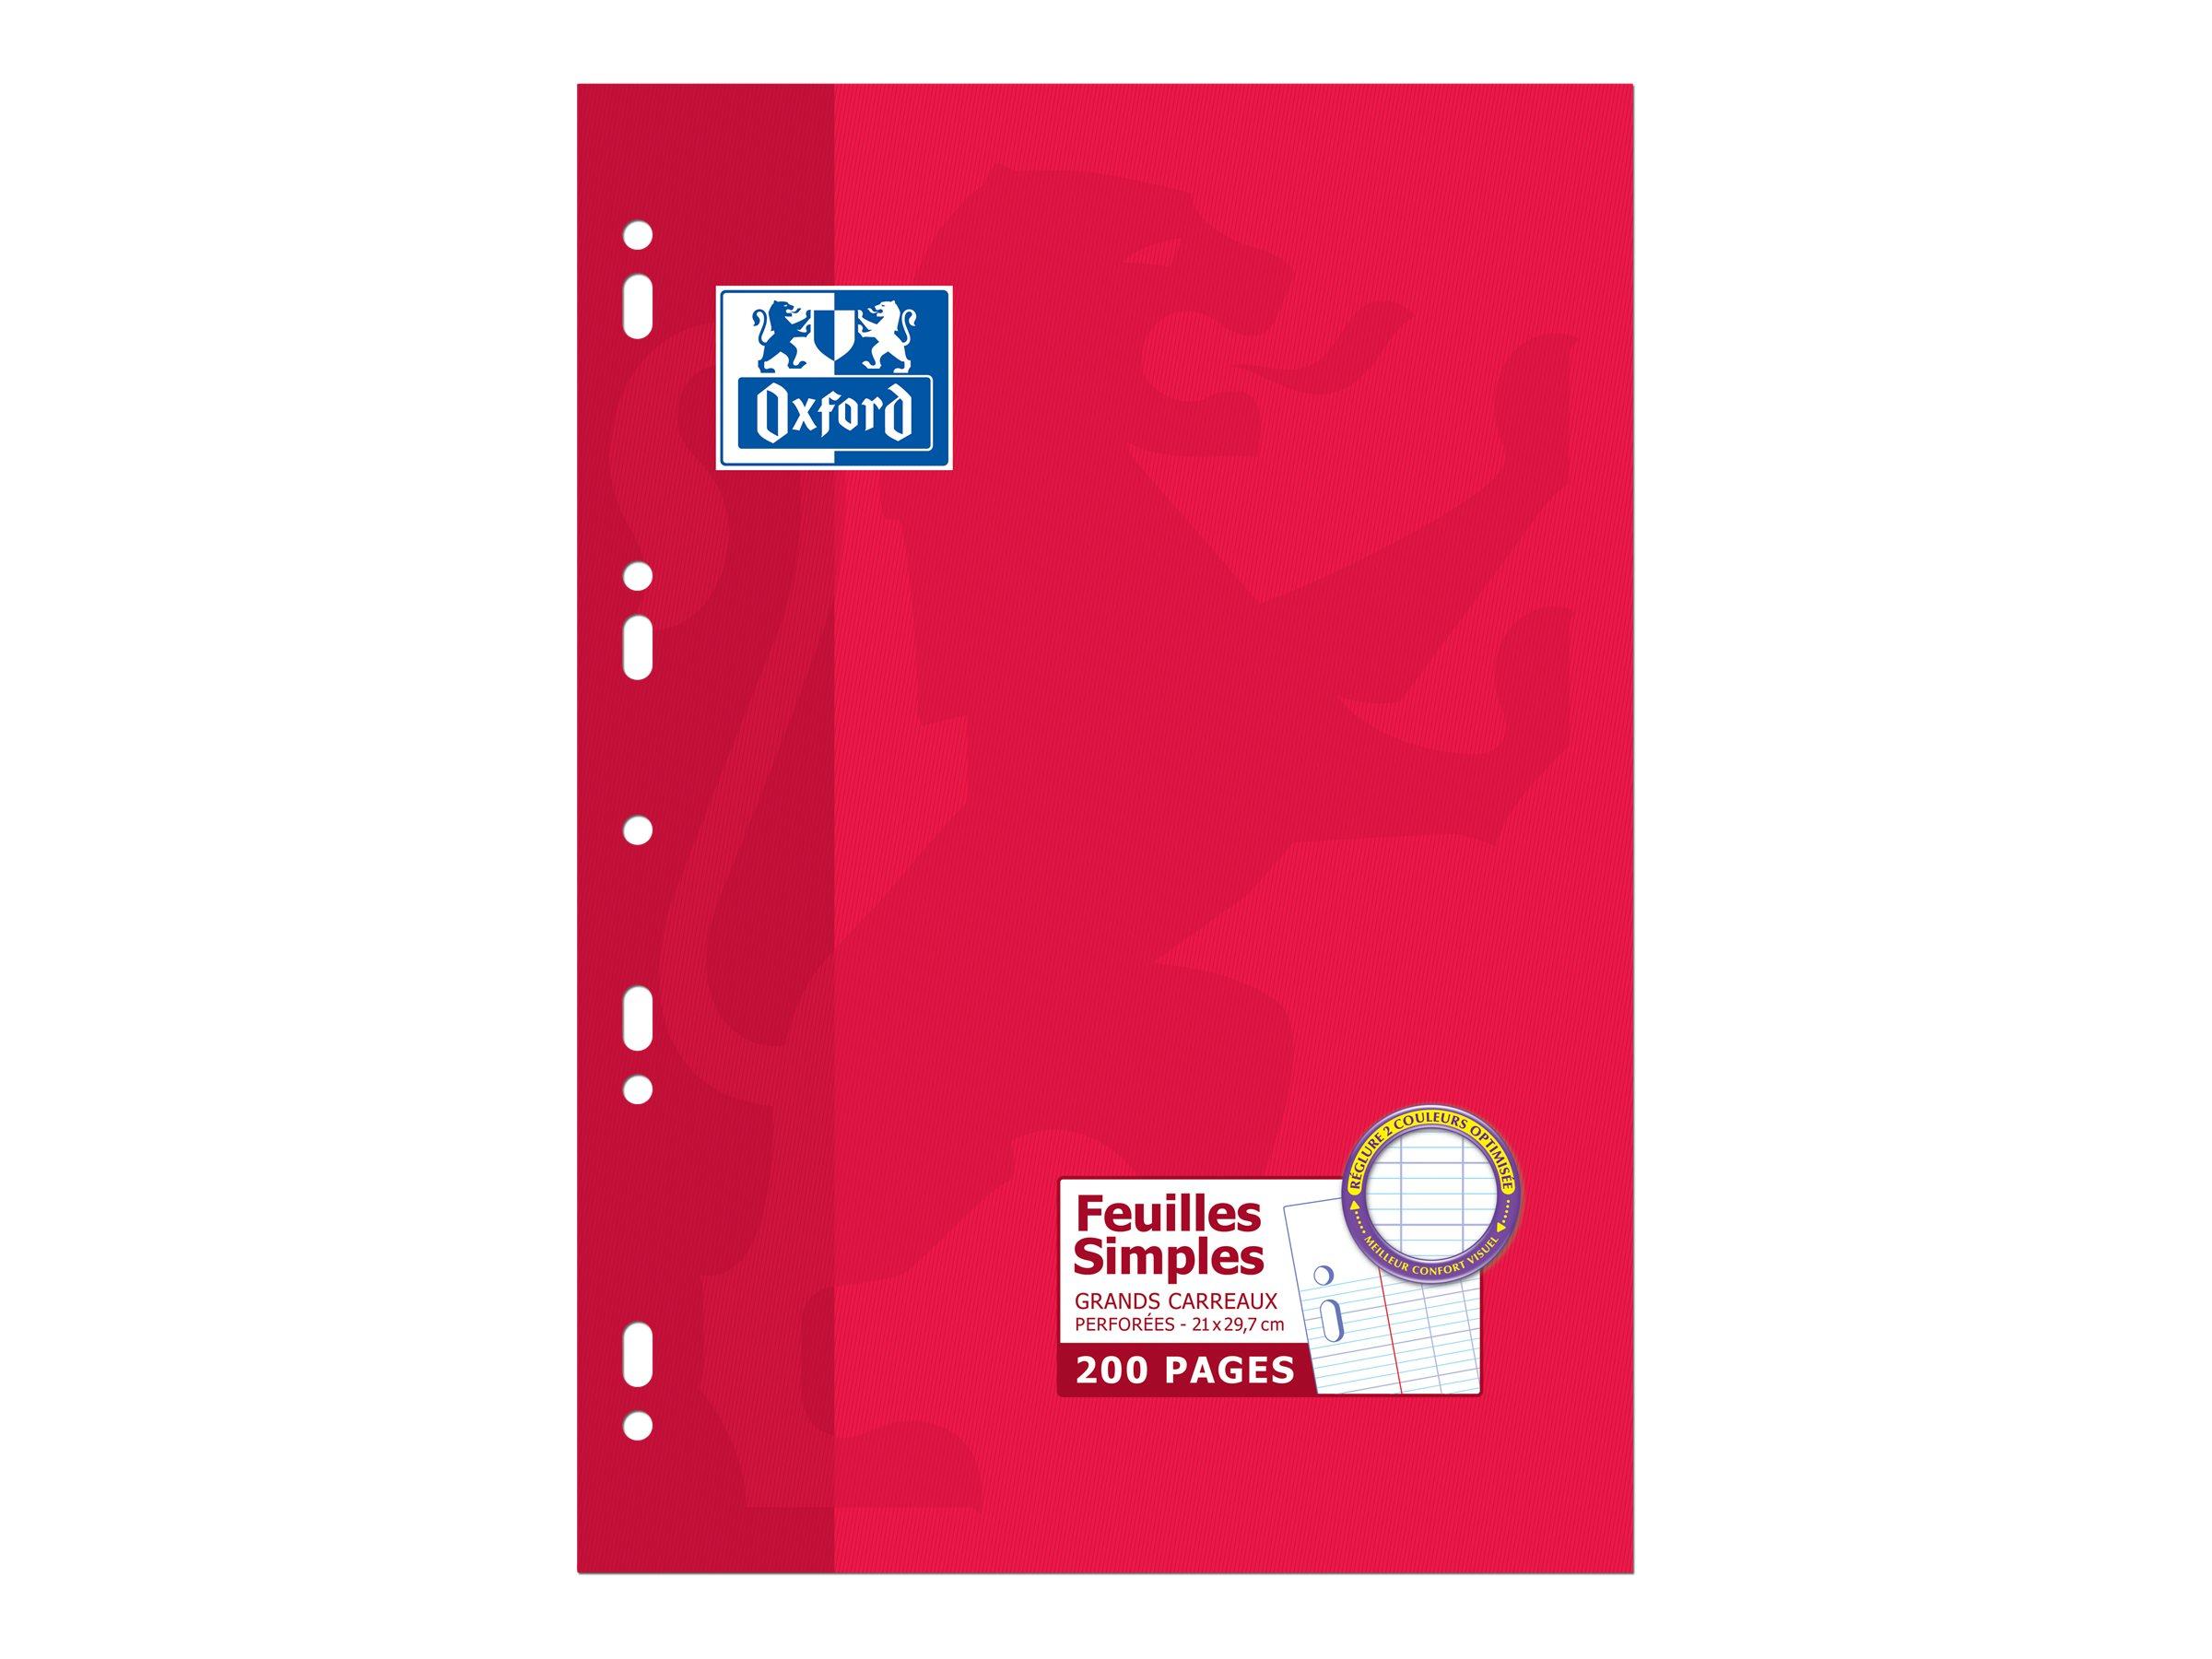 Oxford - A4 - Copies simples - 21 x 29,7 - 200 pages - Grands carreaux